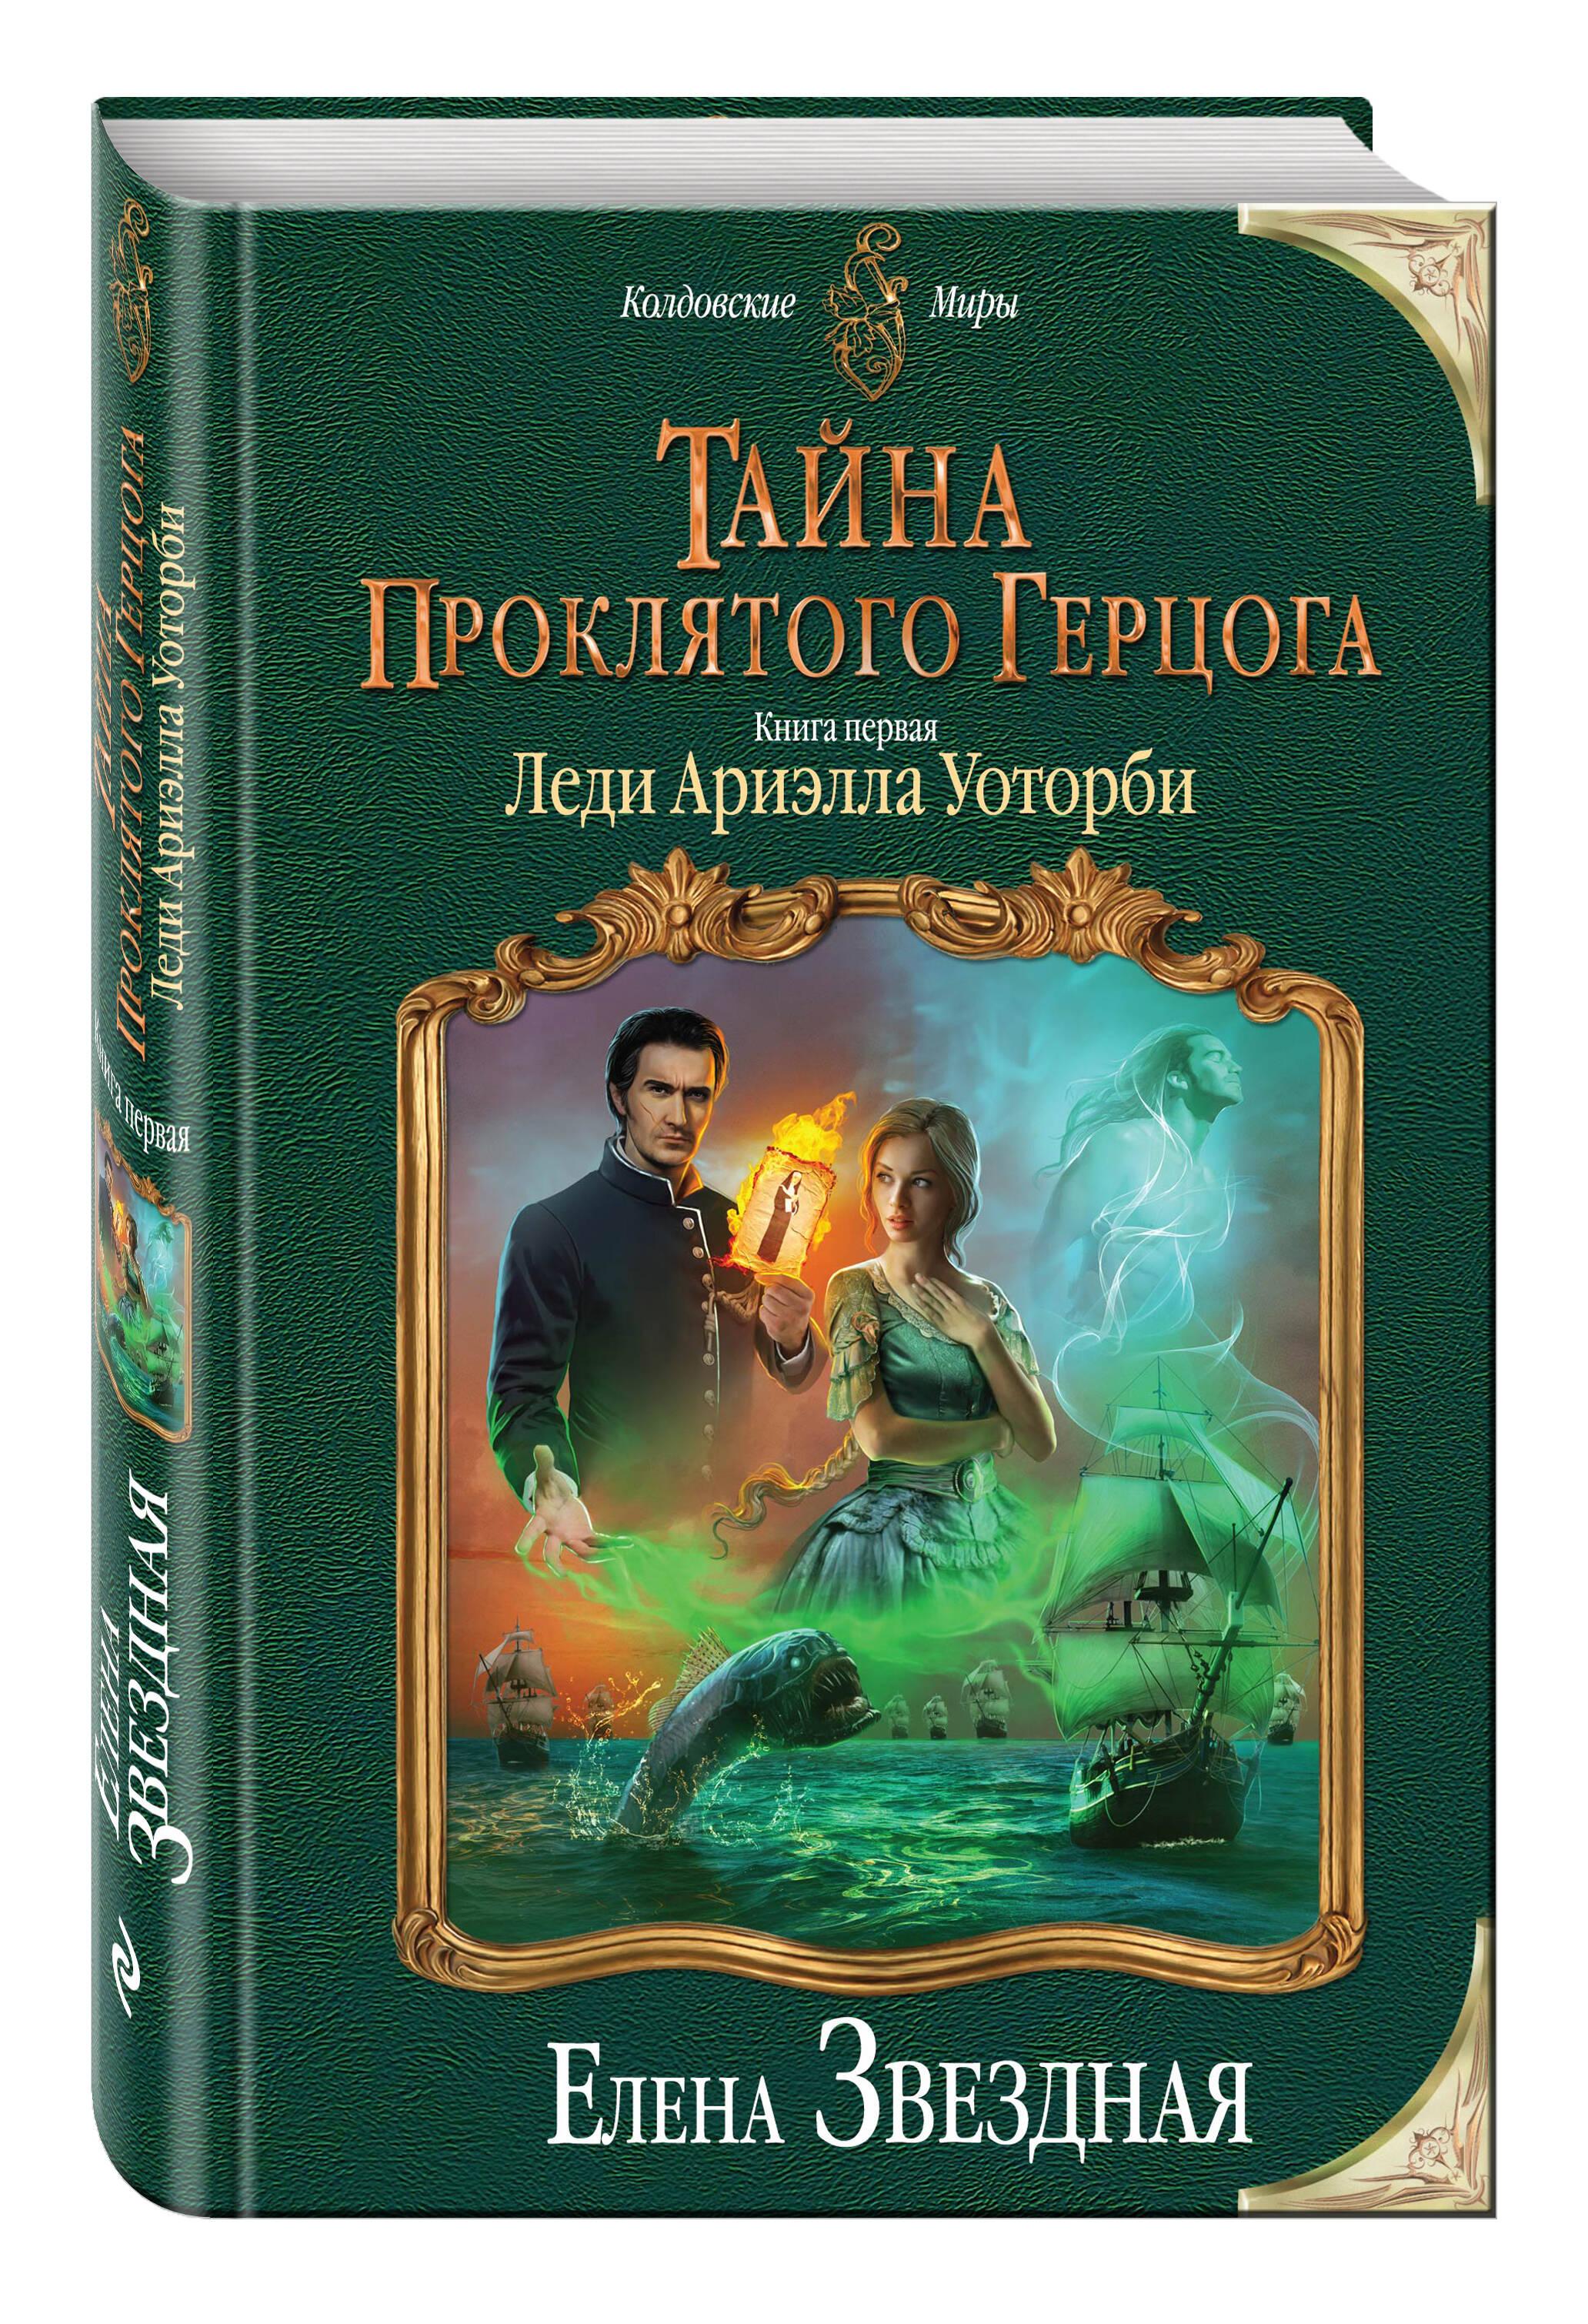 Тайна проклятого герцога. Книга первая. Леди Ариэлла Уоторби ( Звездная Е.  )